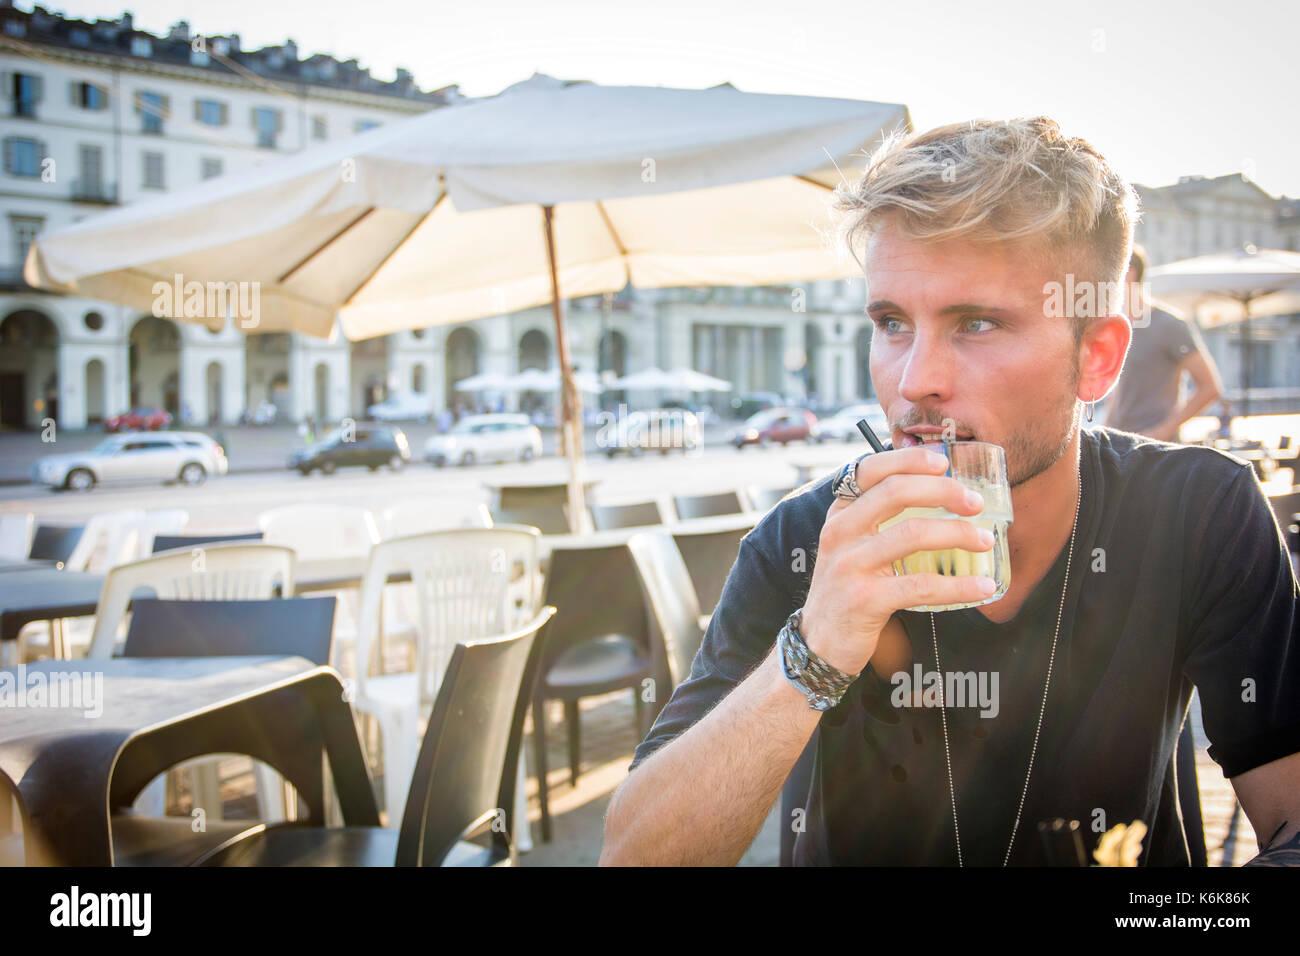 Schöner Mann im Cafe holding Glas sitzen Stockbild